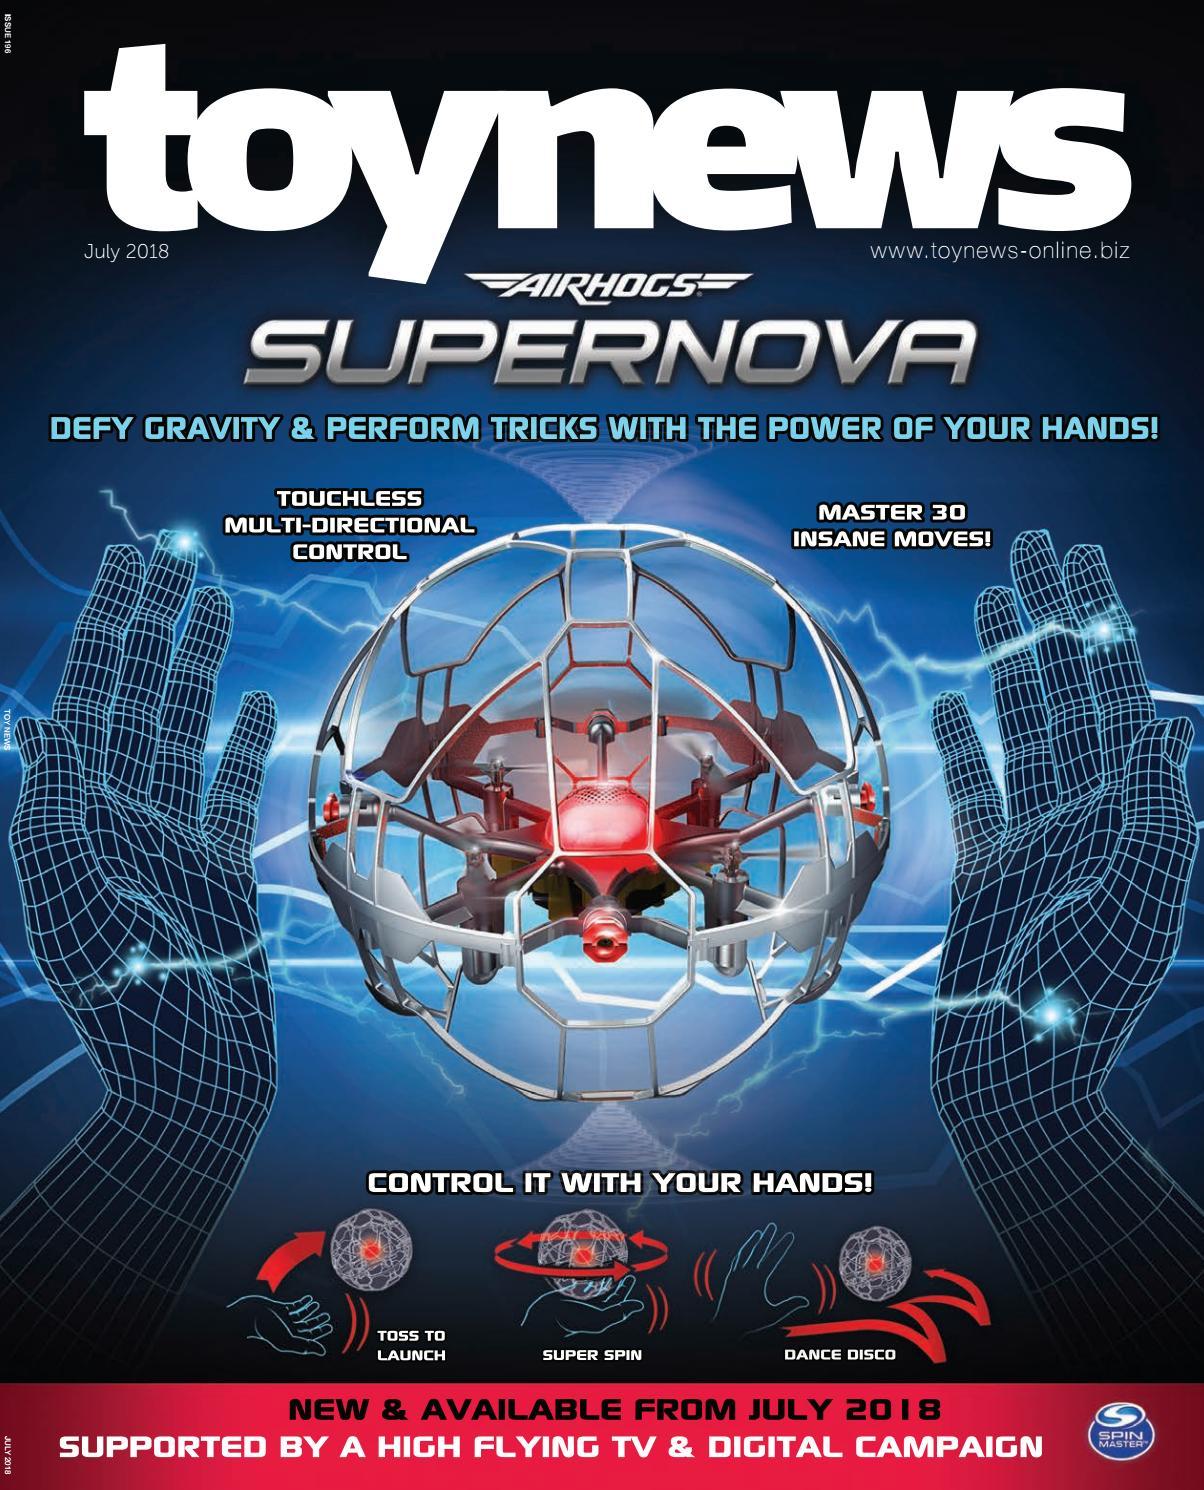 Toynews July 2018 Digital Edition By Future Plc Issuu Switch Gear Club Unlimited English Pal Games